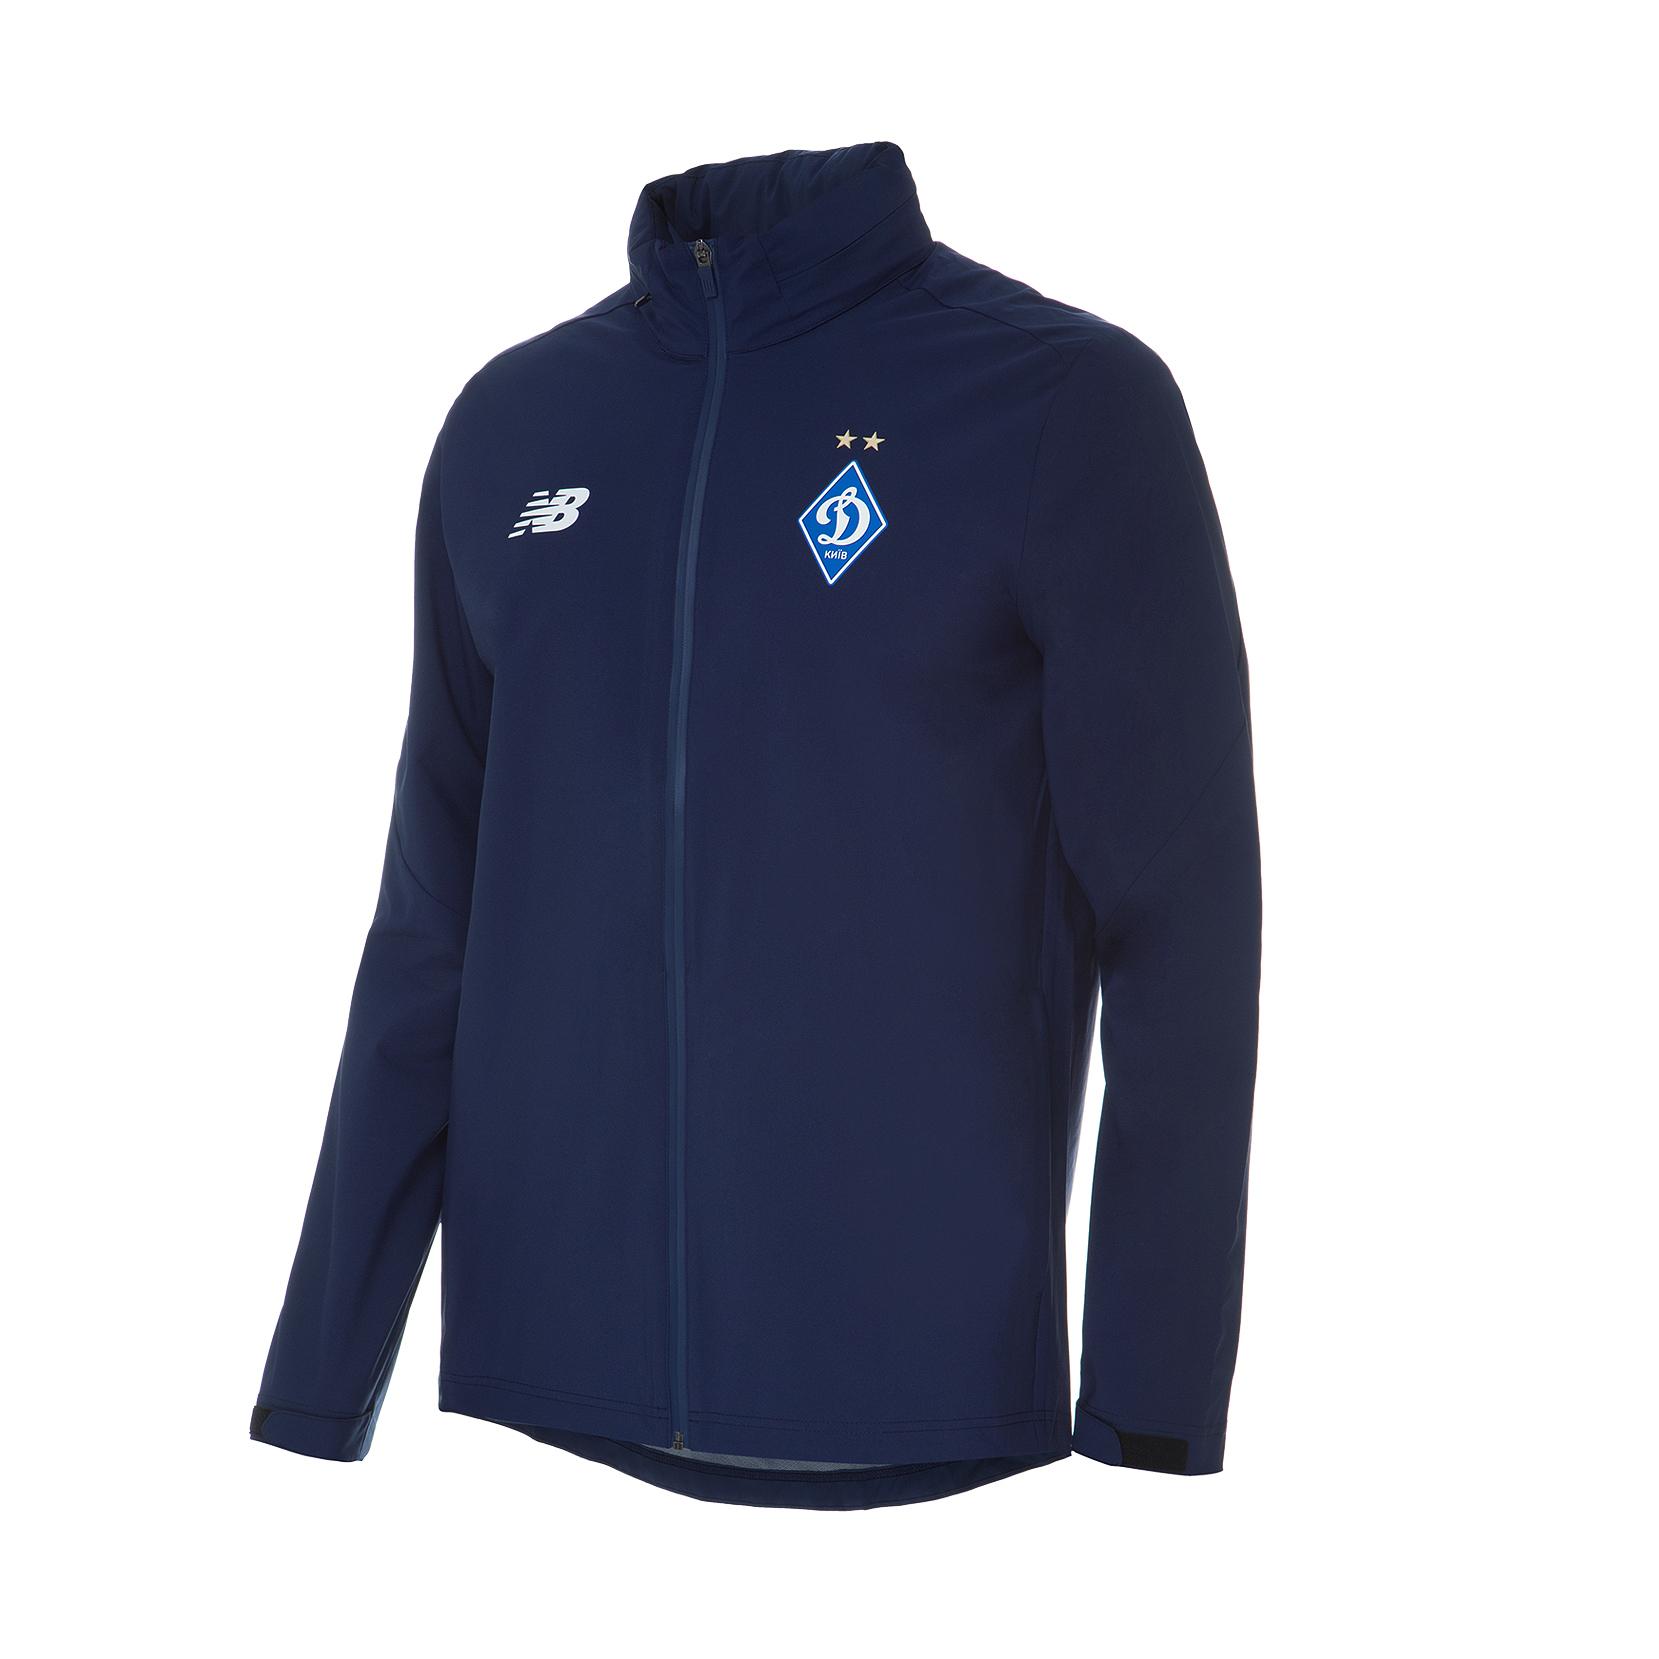 Вітрозахисна куртка ФК «Динамо» Київ Storm для чоловіків MJ931517NV | New Balance